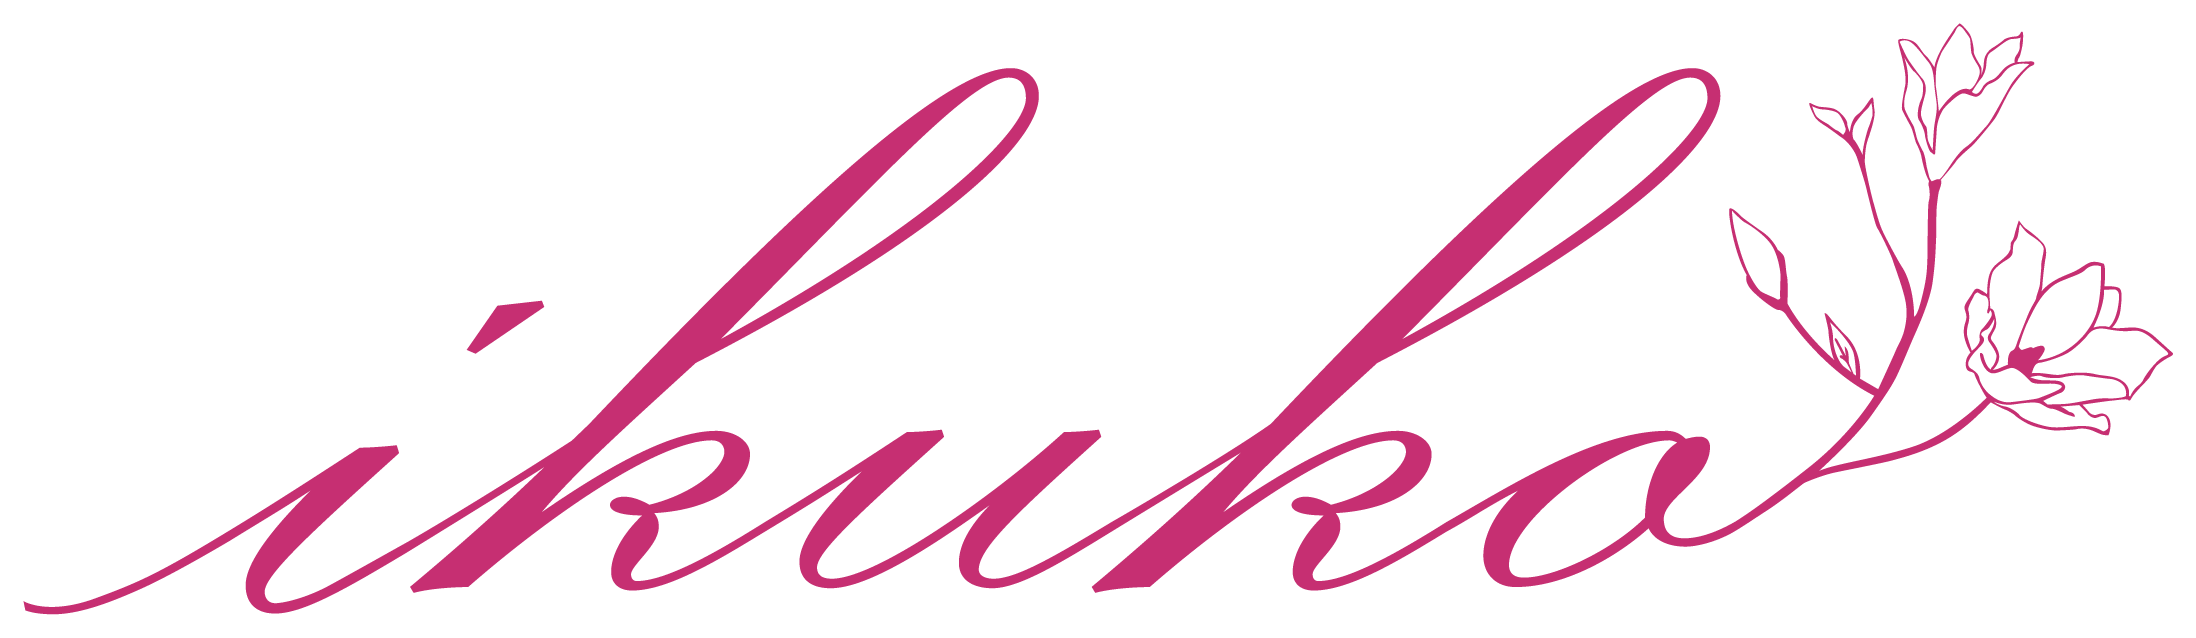 サービス業と高級感/気品とピンクのロゴ